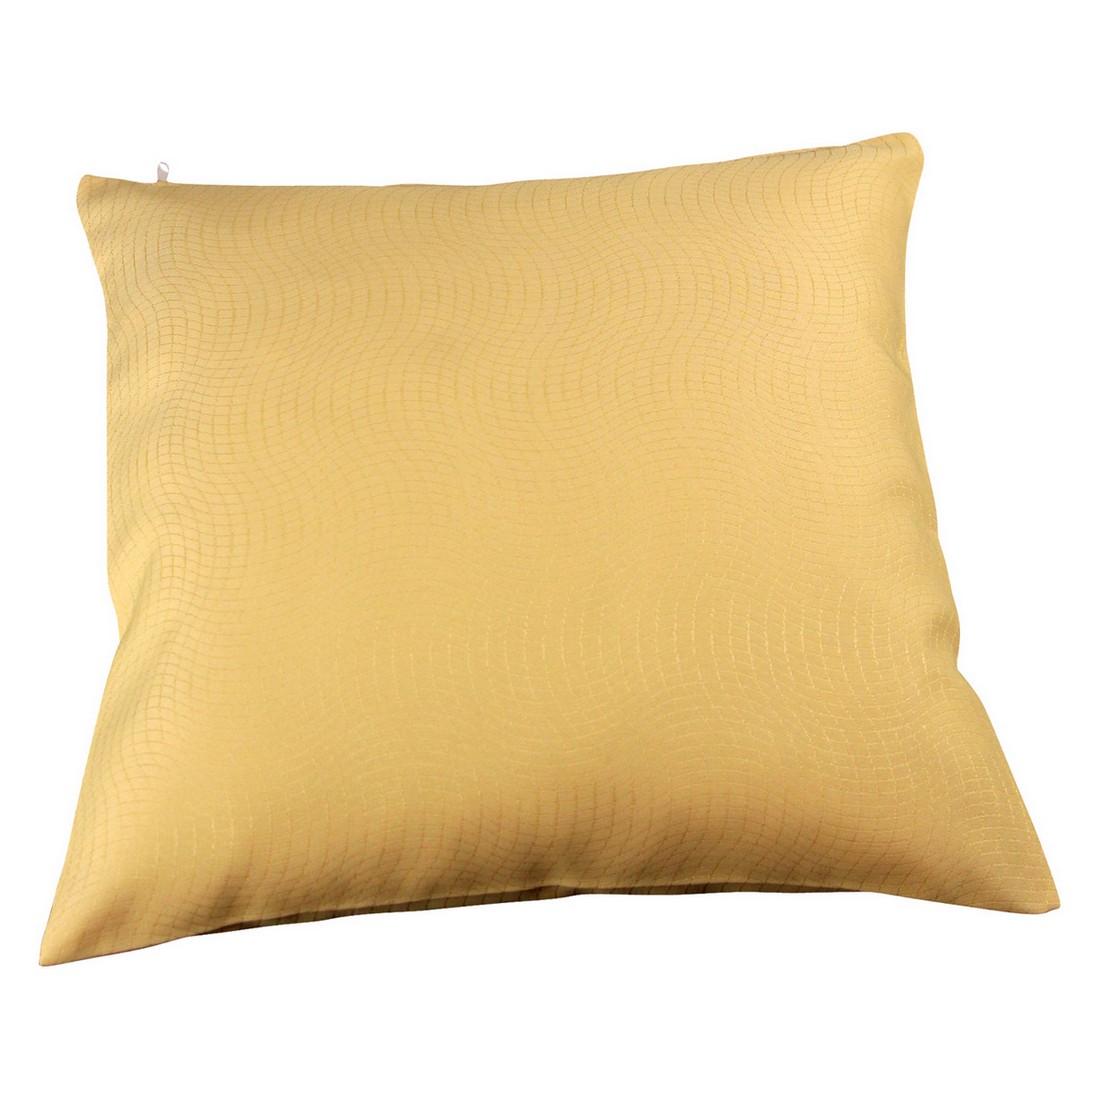 Kissenhülle Mosso (2er,4er oder 6er-Set) – Gelb – 40 x 40 cm – 4 Kissen, MiBiento Living online kaufen